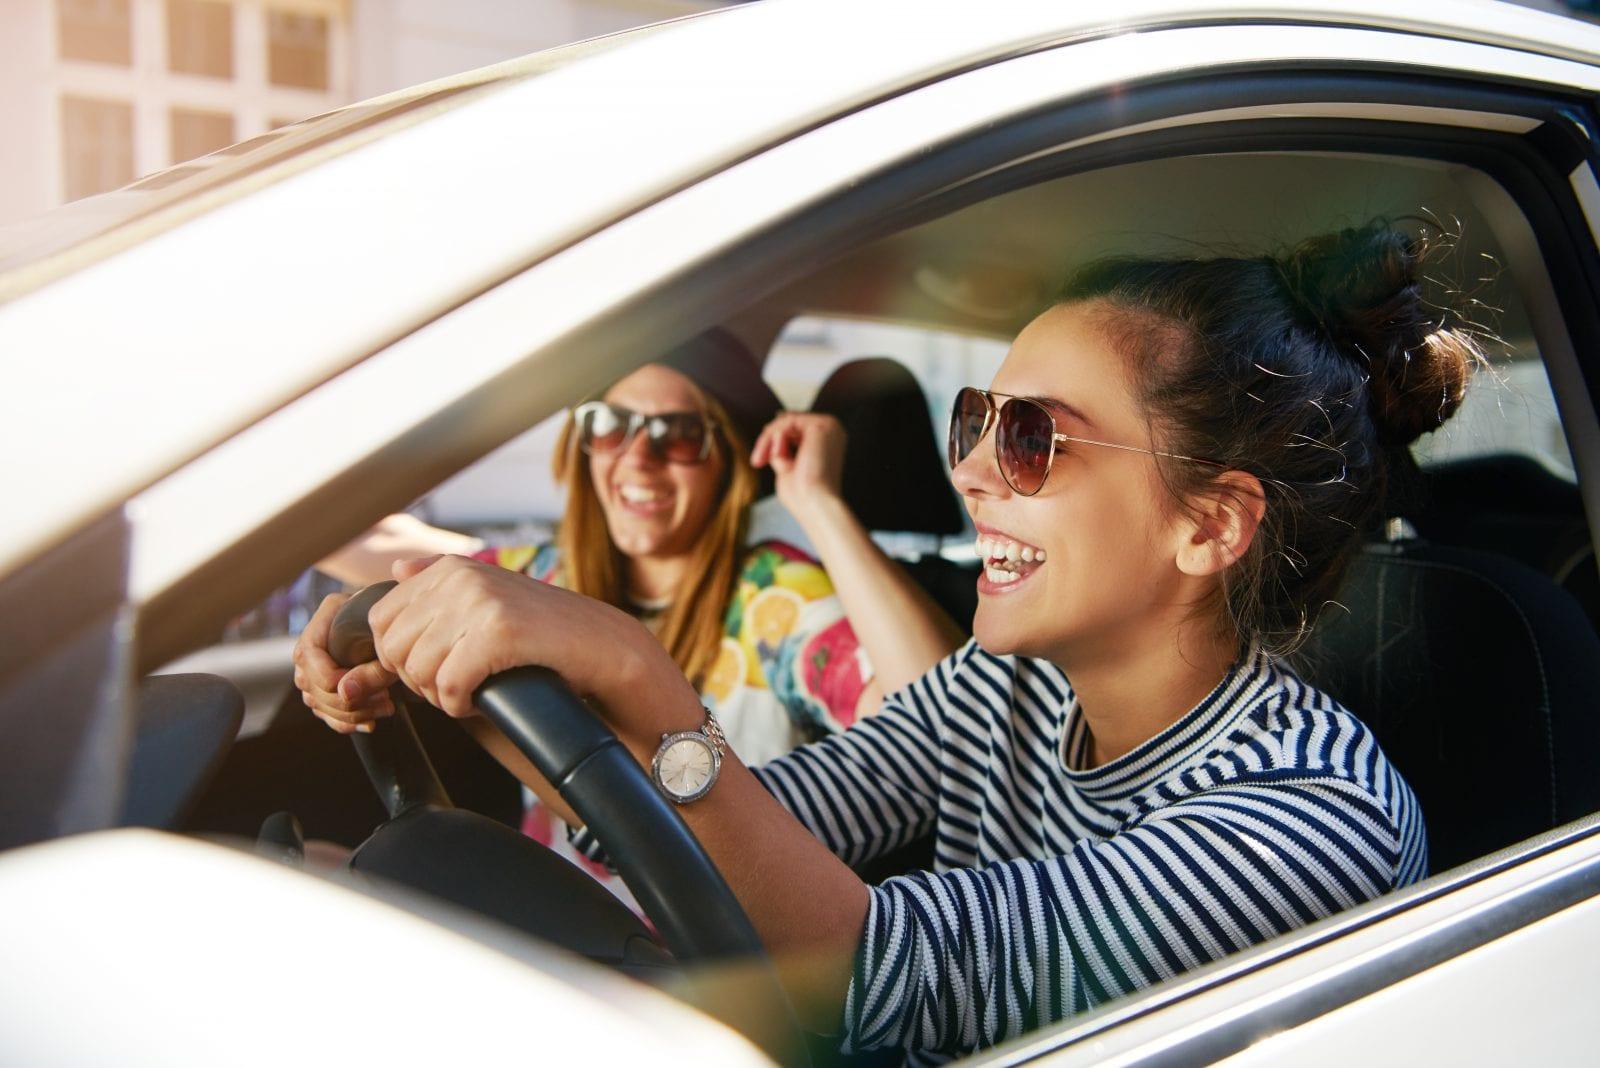 Girls in Car Laughing